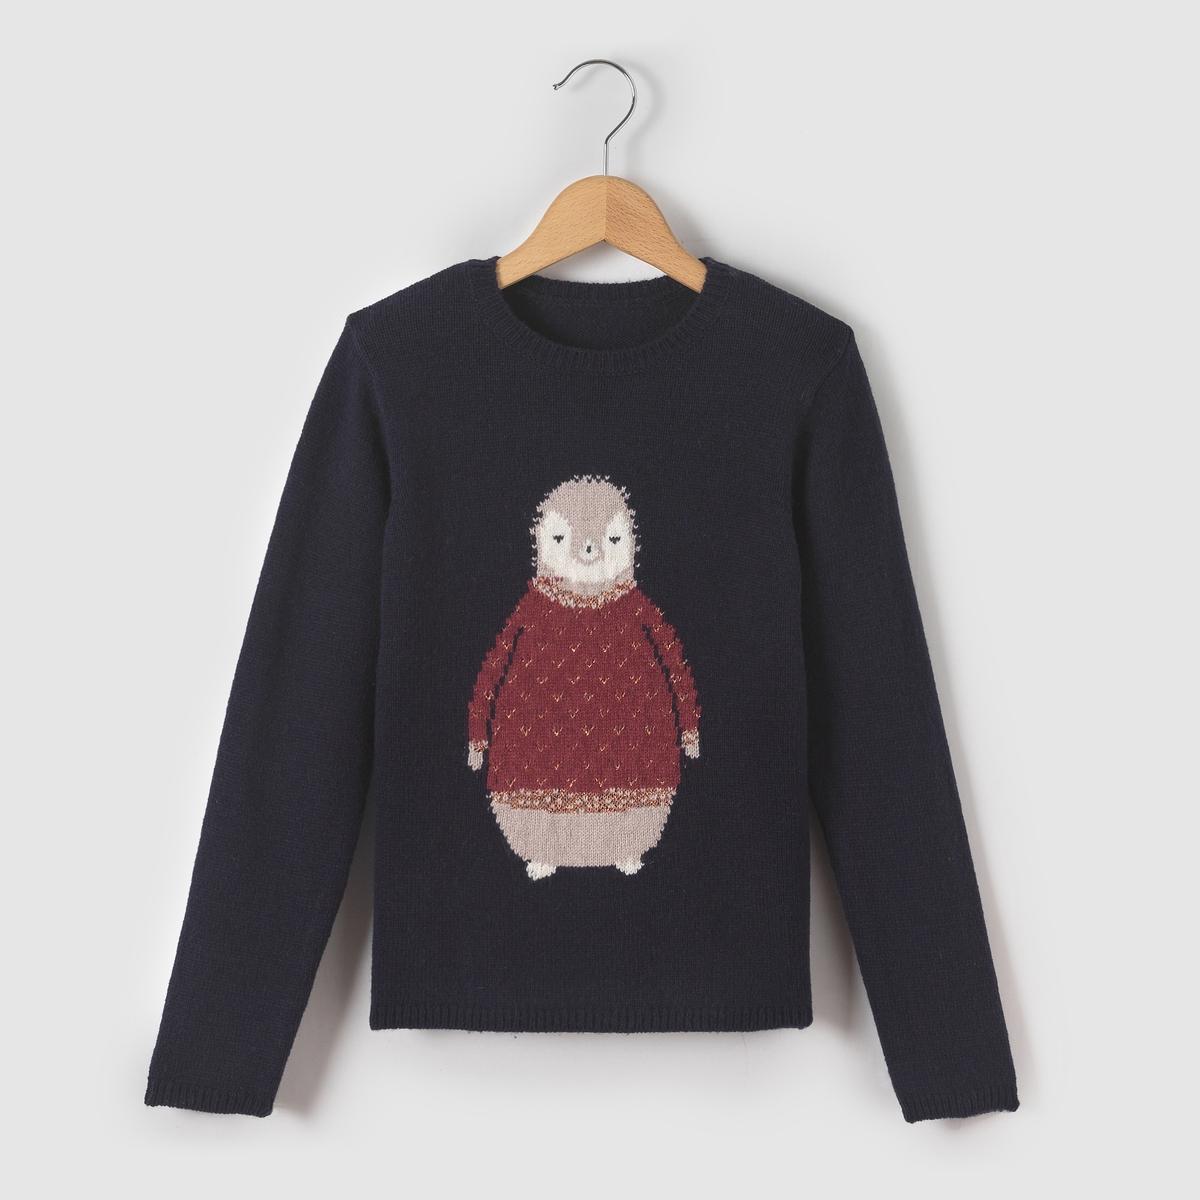 Пуловер с рисунком блестящий пингвин 3-12 летПуловер с длинными рукавами и с рисунком блестящий пингвин спереди  . Круглый вырез. Отделка рубчиком. Состав и описание : Материал: трикотаж 57% хлопка, 26% полиамида, 15% шерсти, 2% других волокон.Марка        abcdR  Уход: :Машинная стирка при 30°C с одеждой подобных цветов.Гладить с изнаночной стороны.- Машинная сушка запрещена..Гладить при умеренной температуре.<br><br>Цвет: синий морской<br>Размер: 12 лет -150 см